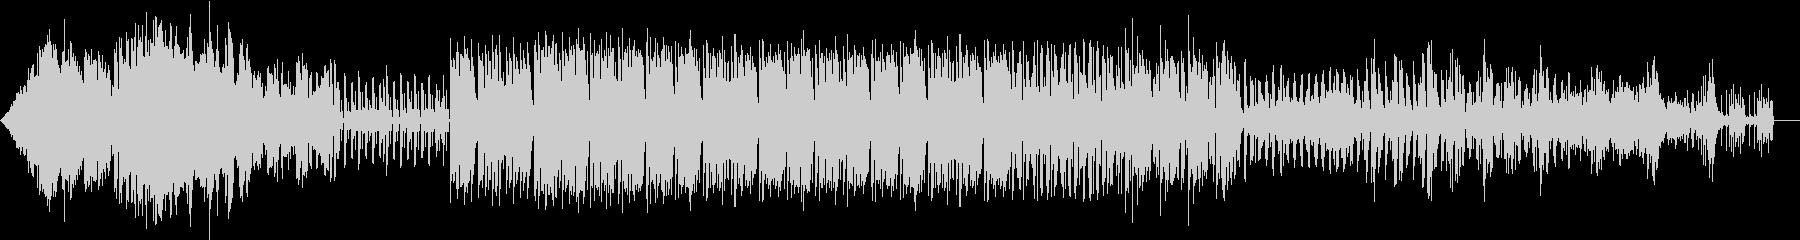 ラジオBGM ロケット・ボイスありの未再生の波形